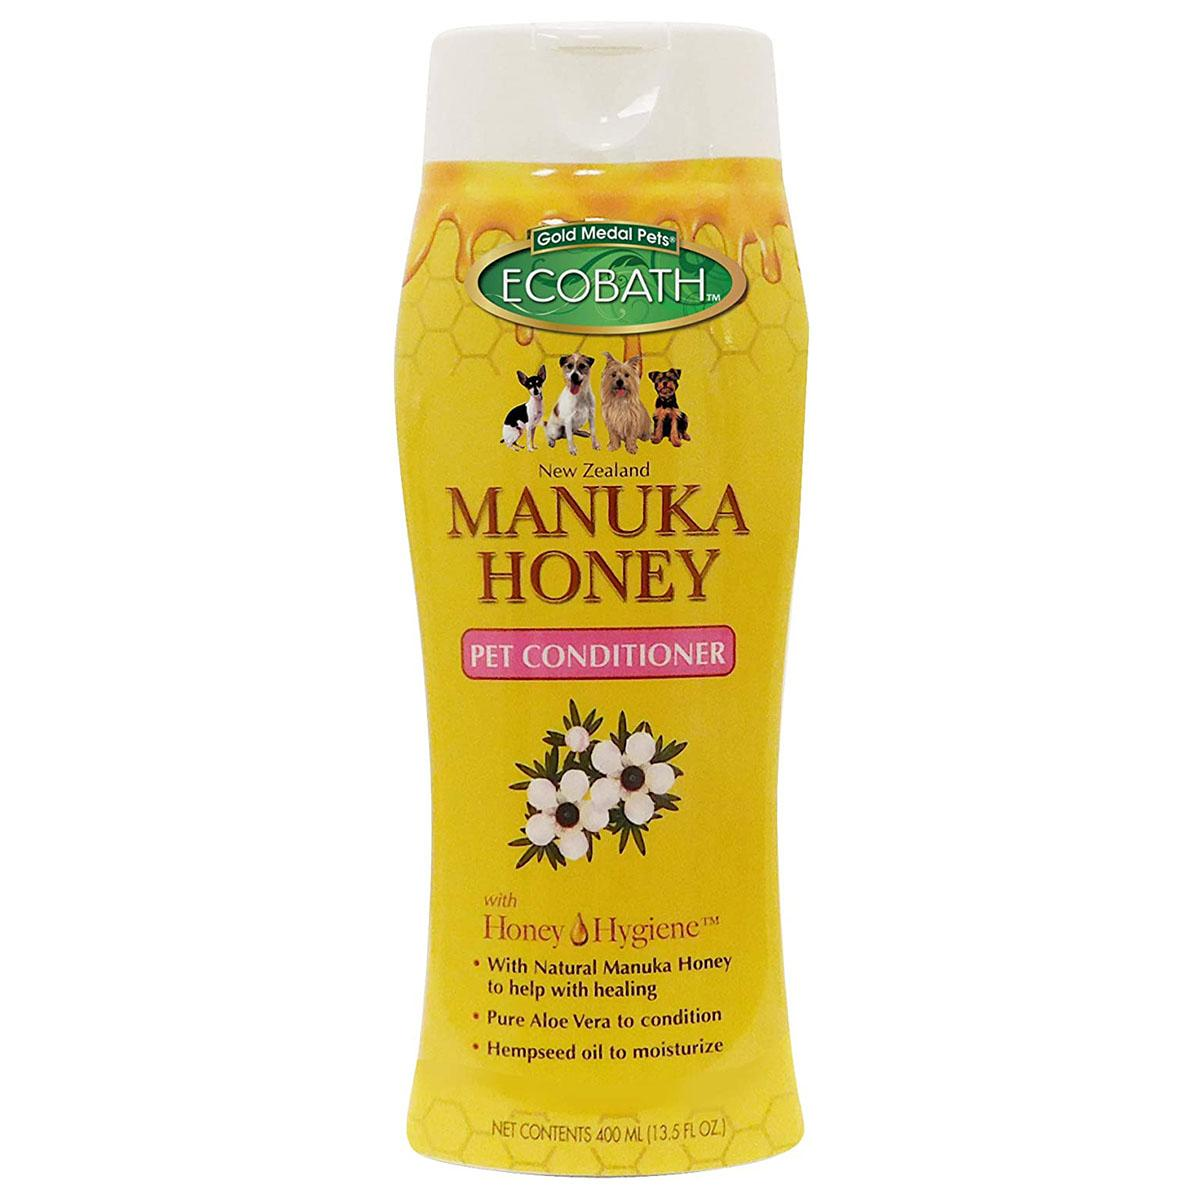 EcoBath Manuka Honey Dog Conditioner by Cardinal Pet Care